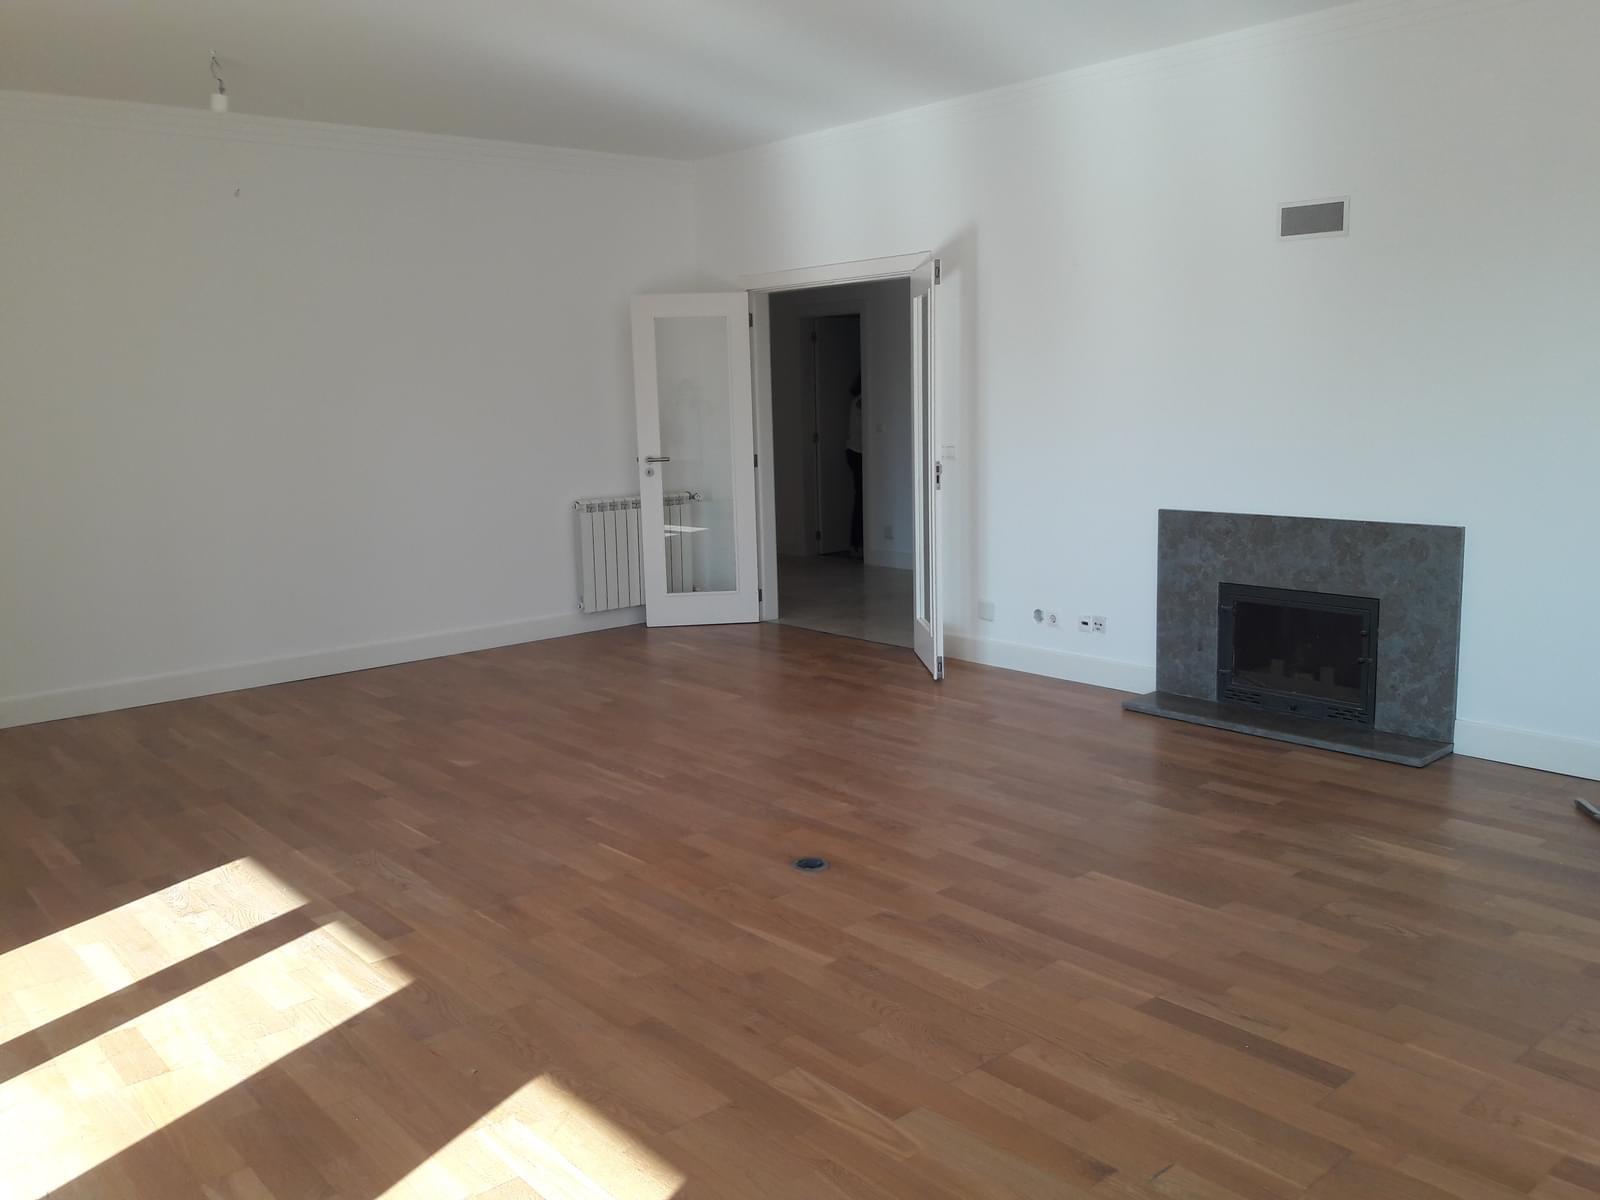 pf18057-apartamento-t3-sintra-bb330b68-e203-45bc-8b45-f94c0728f574